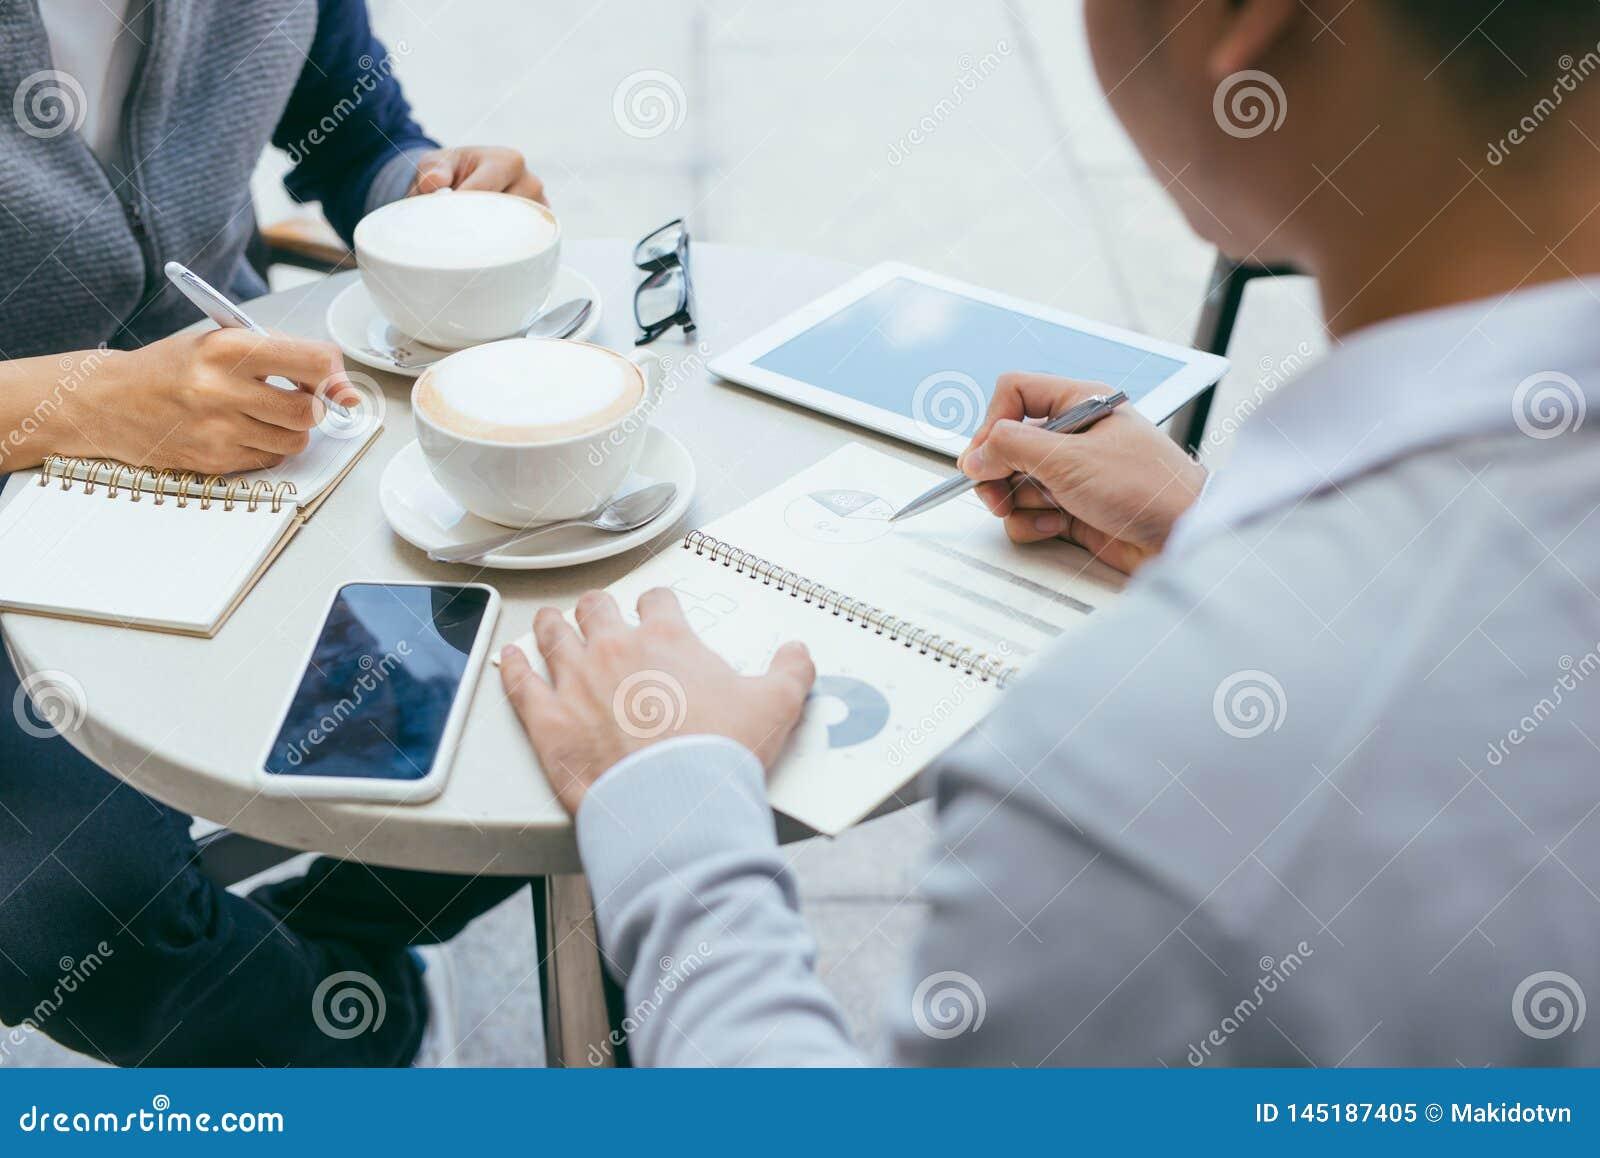 Contr?le des stocks Deux associ?s travaillant sur l ordinateur portable souriant gaiement sur une r?union au caf? local - image